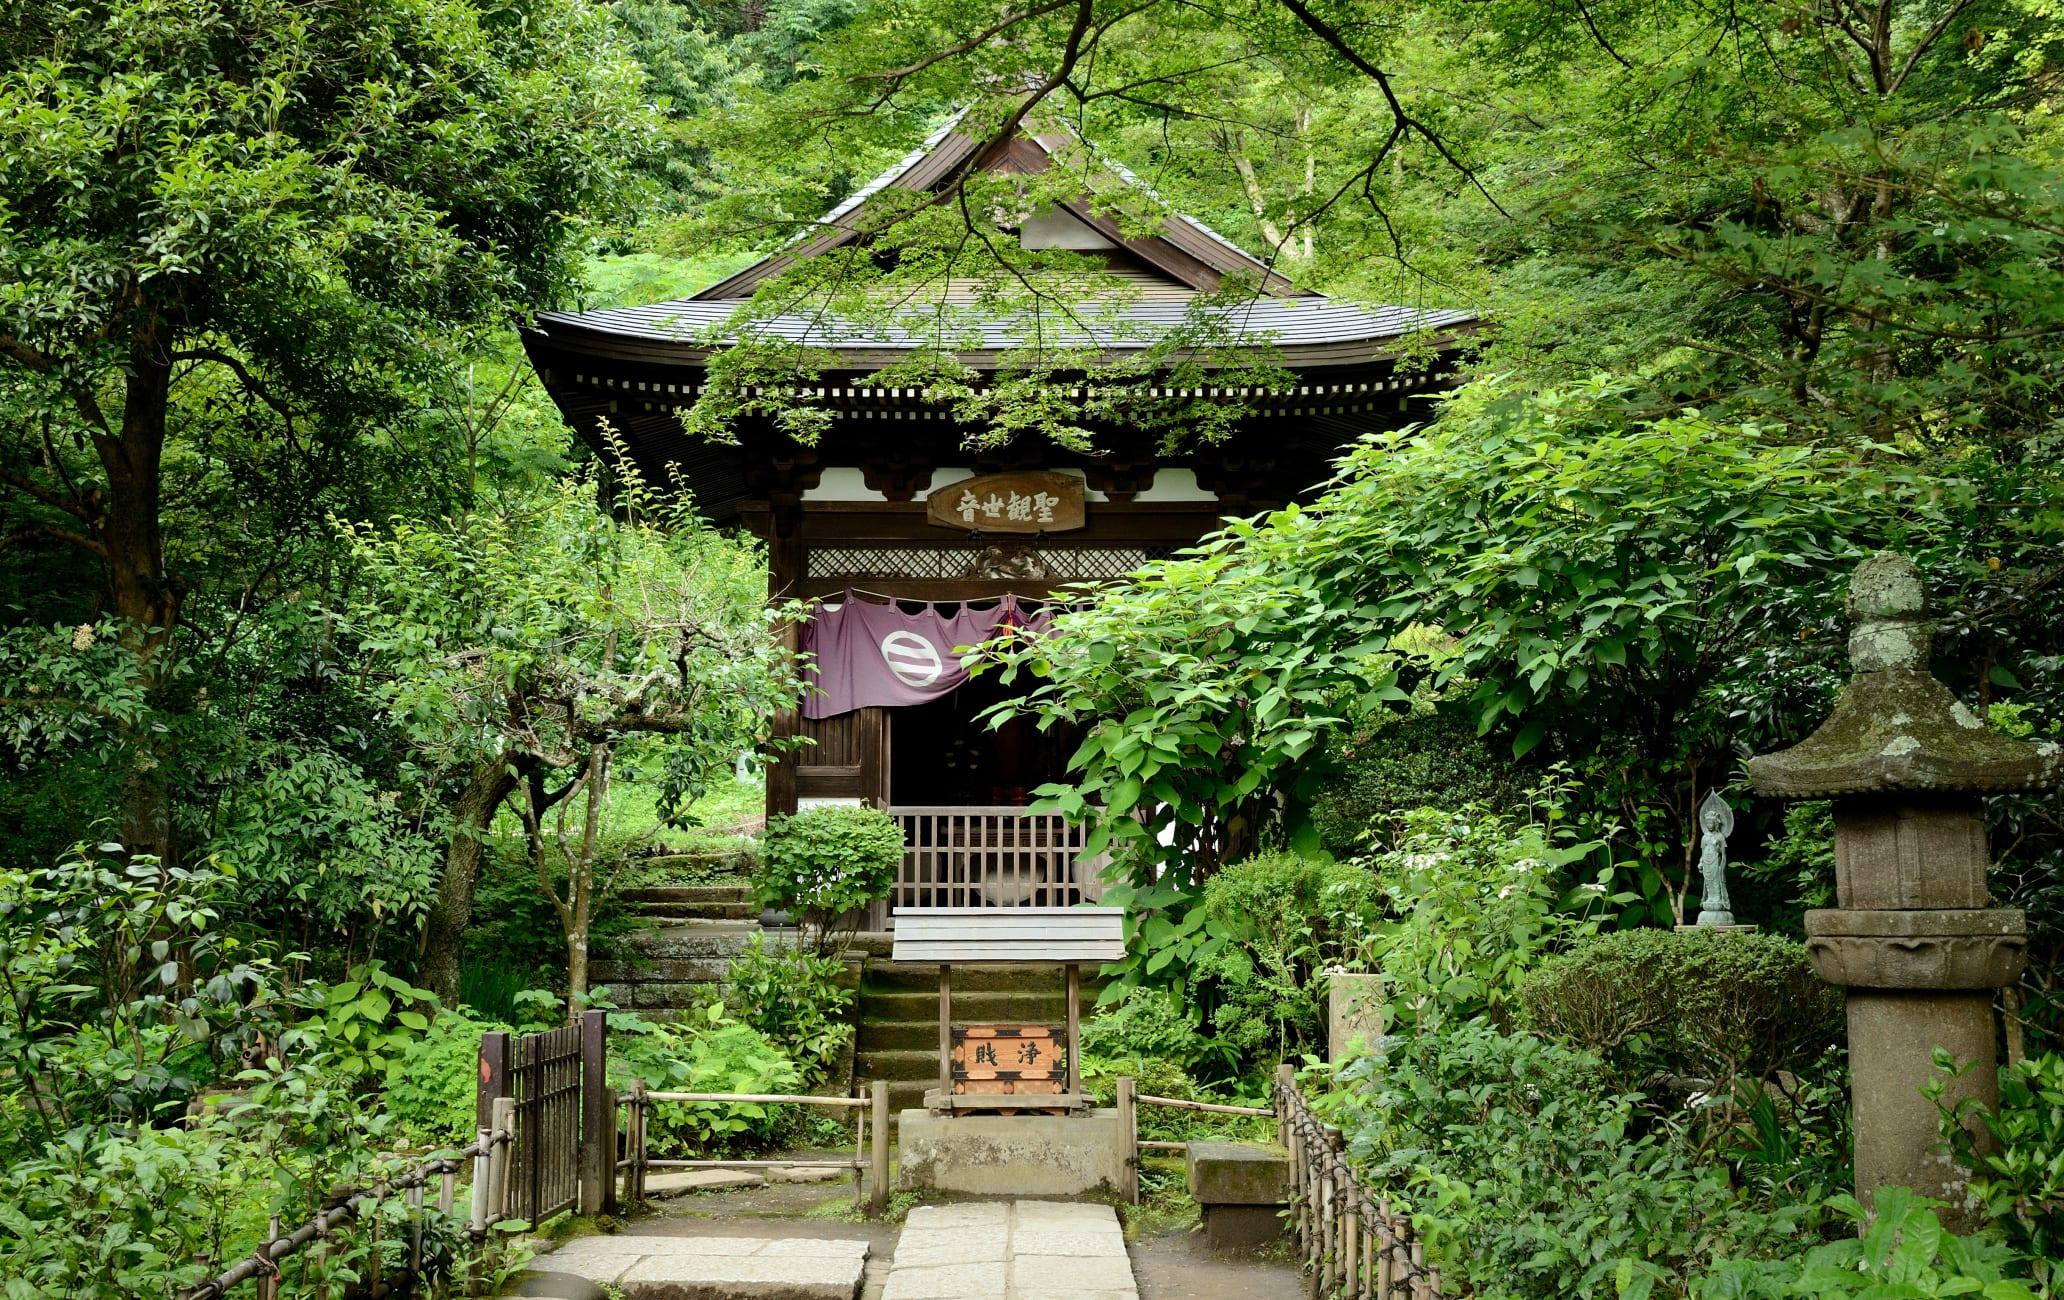 Jochi-ji Temple